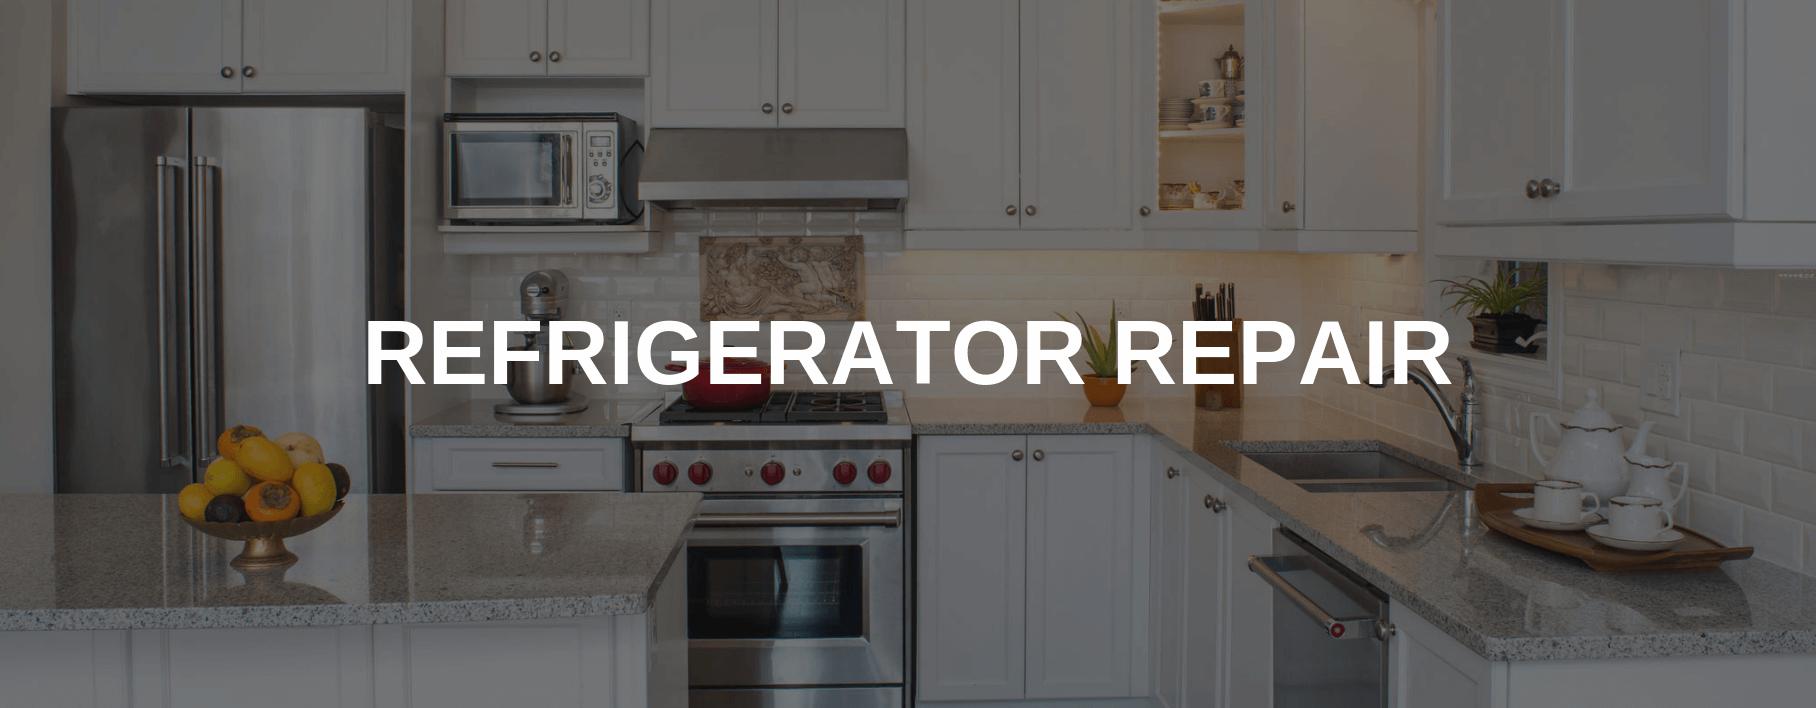 arlington refrigerator repair